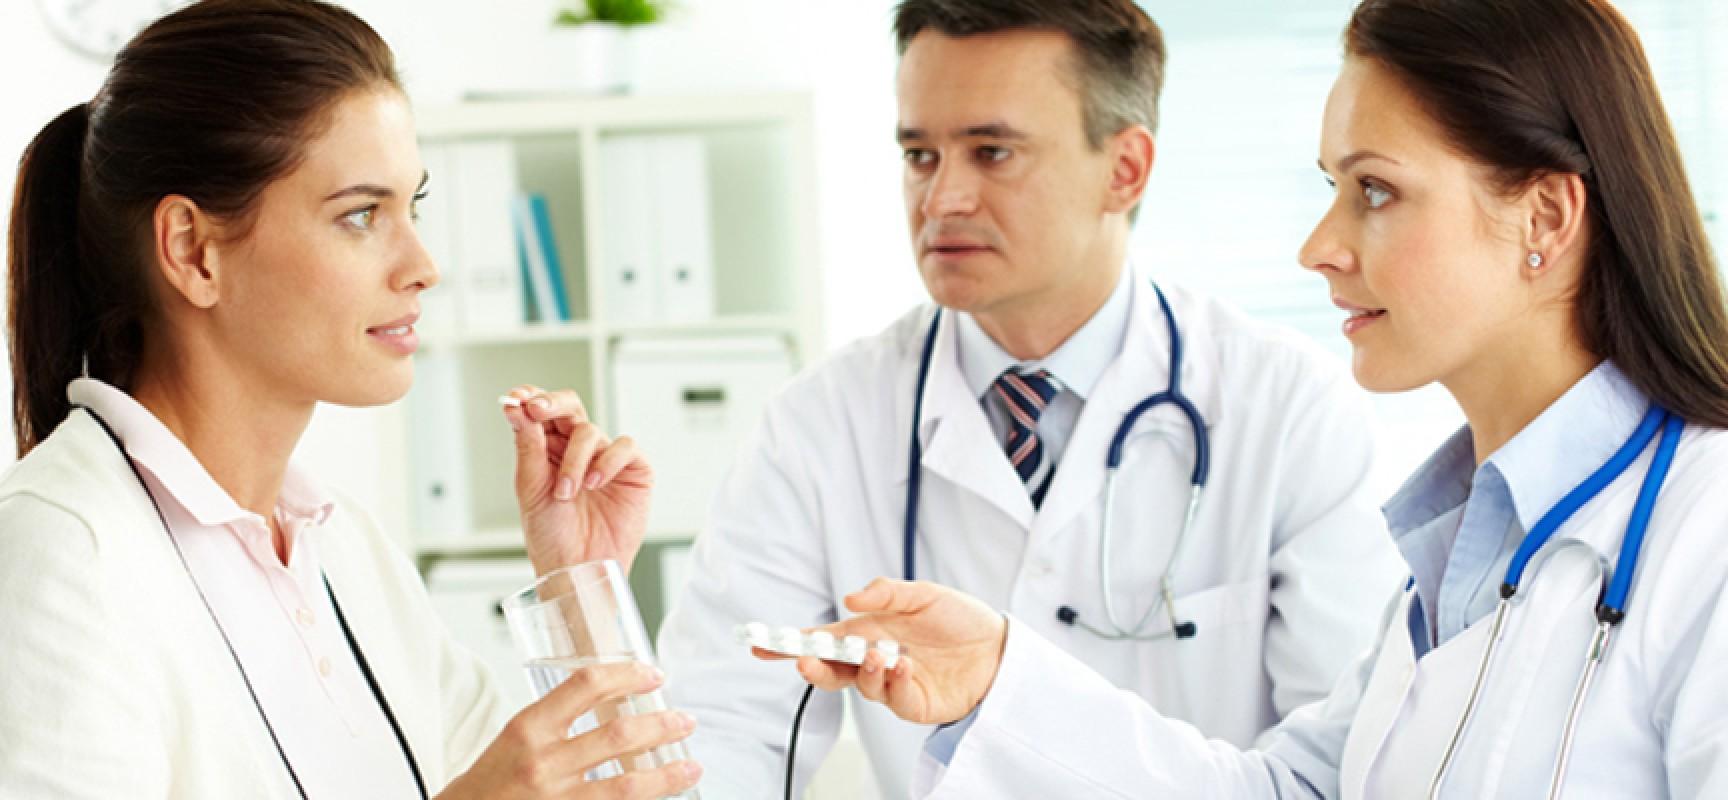 Медицинское трактование боли